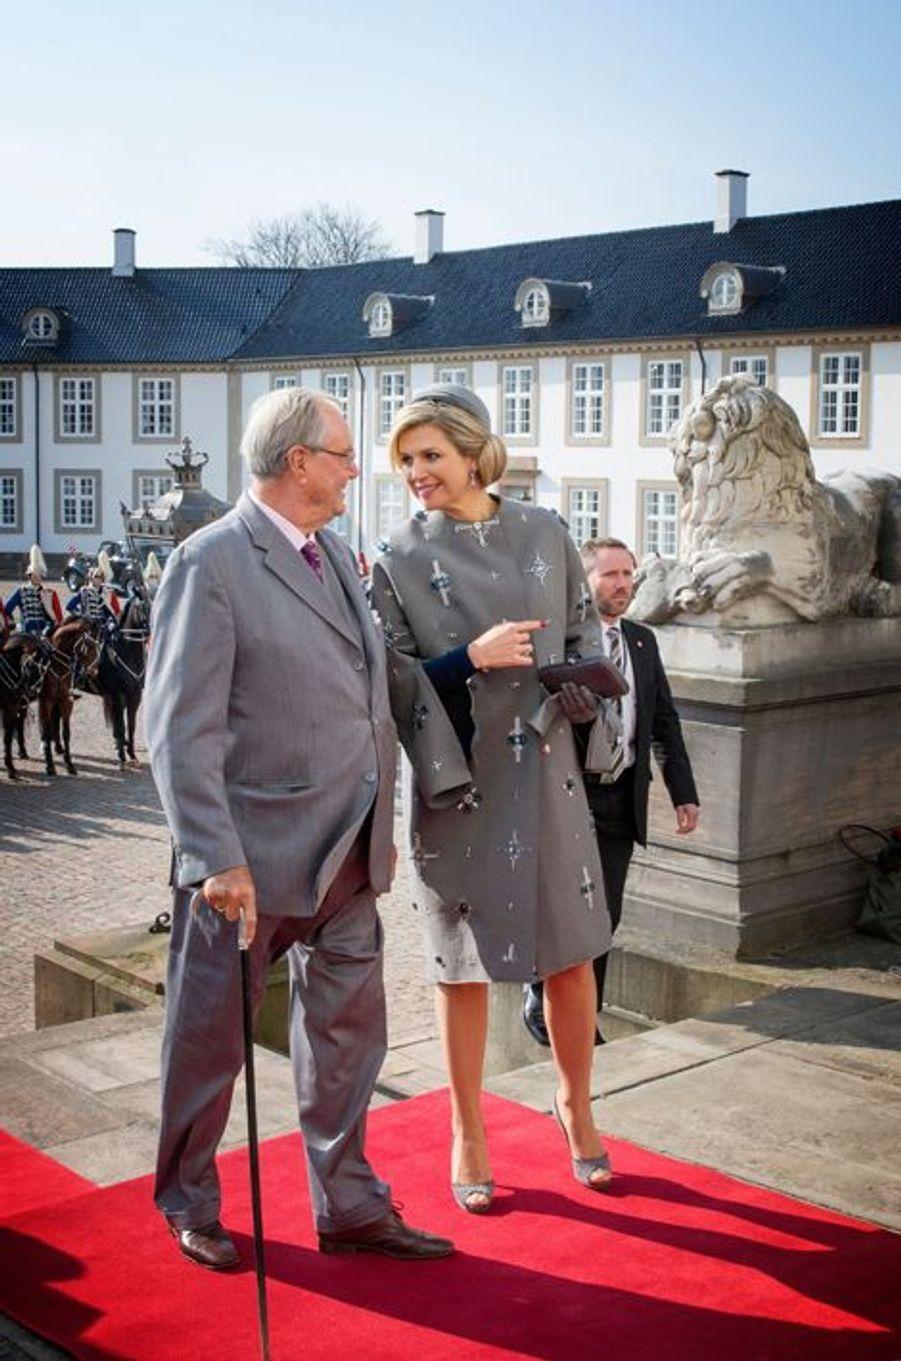 La reine Maxima des Pays-Bas et le prince Henrik de Danemark arrivent au château de Fredensborg, le 17 mars 2015